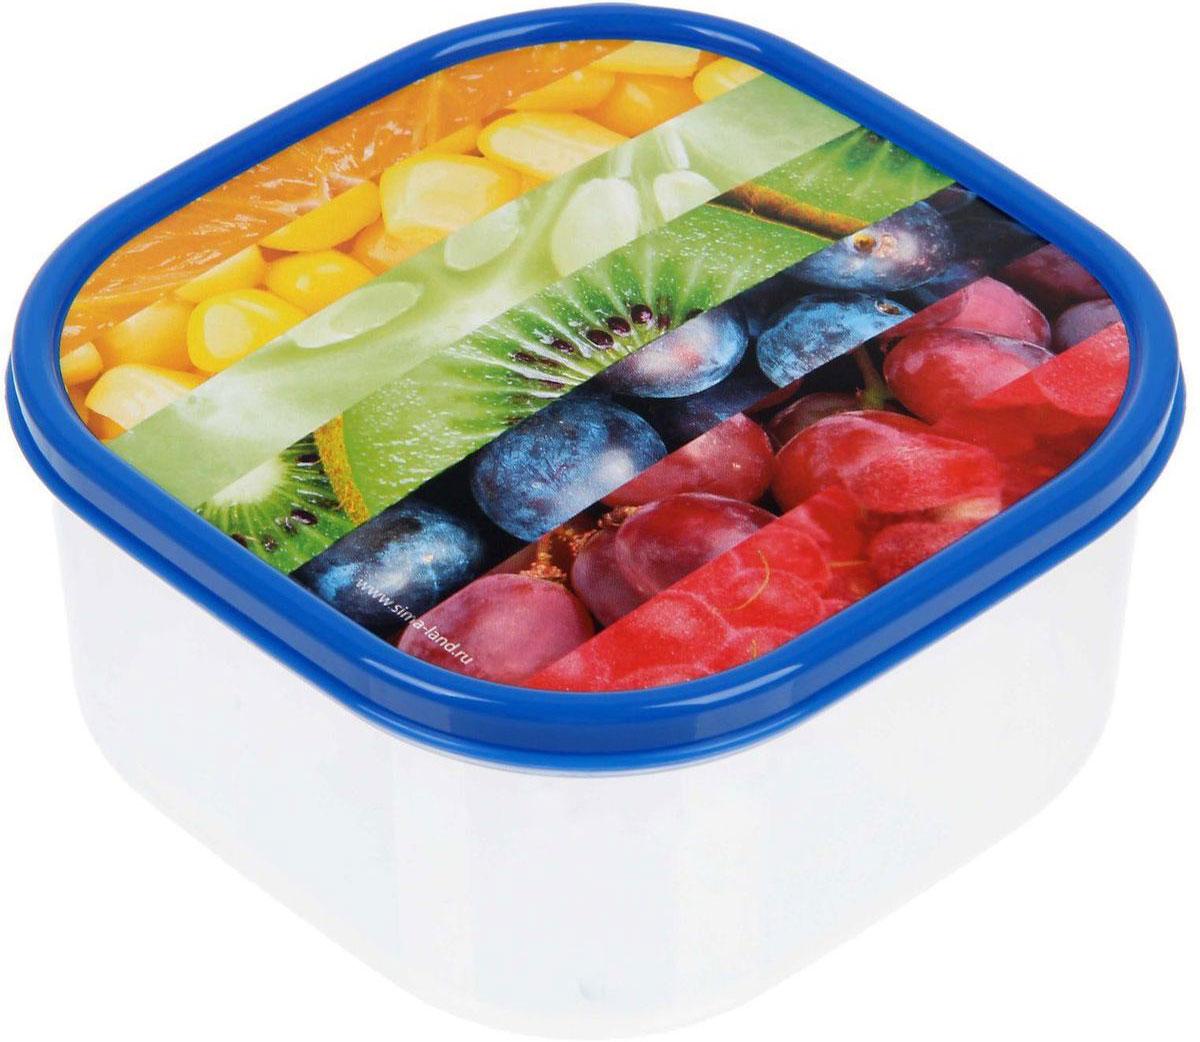 Ланч-бокс Доляна №2, квадратный, 700 мл1333975Контейнер является незаменимым предметом кухонной утвари, ведь у него много преимуществ: Простота ухода. Ланч-бокс достаточно промыть тёплой водой с небольшим количеством чистящего средства, и он снова готов к использованию.Вместительность. Большой выбор форм и объёма поможет разместить разнообразные продукты от сахара до супов. Эргономичность. Ланч-боксы очень легко хранить даже в самой маленькой кухне, так как их можно поставить один в другой по принципуматрёшки. Многофункциональность. Разнообразие цветов и форм делает возможным использование контейнеров не только на кухне, но и в других областяхдомашнего быта. В качестве материала для изготовления используется пластик, что делает процесс ухода за контейнером ещё более эффективным. К каждомуланч-боксу в комплекте также прилагается крышка подходящего размера, это позволяет плотно и надёжно удерживать запах еды и упрощаетпроцесс транспортировки. Однако рекомендуется соблюдать и меры предосторожности: не использовать пластиковые контейнеры в духовых шкафах и на открытом огне, атакже не разогревать в микроволновых печах при закрытой крышке ланч-бокса. Соблюдение мер безопасности позволит продлить срокэксплуатации и сохранить отличный внешний вид изделия.